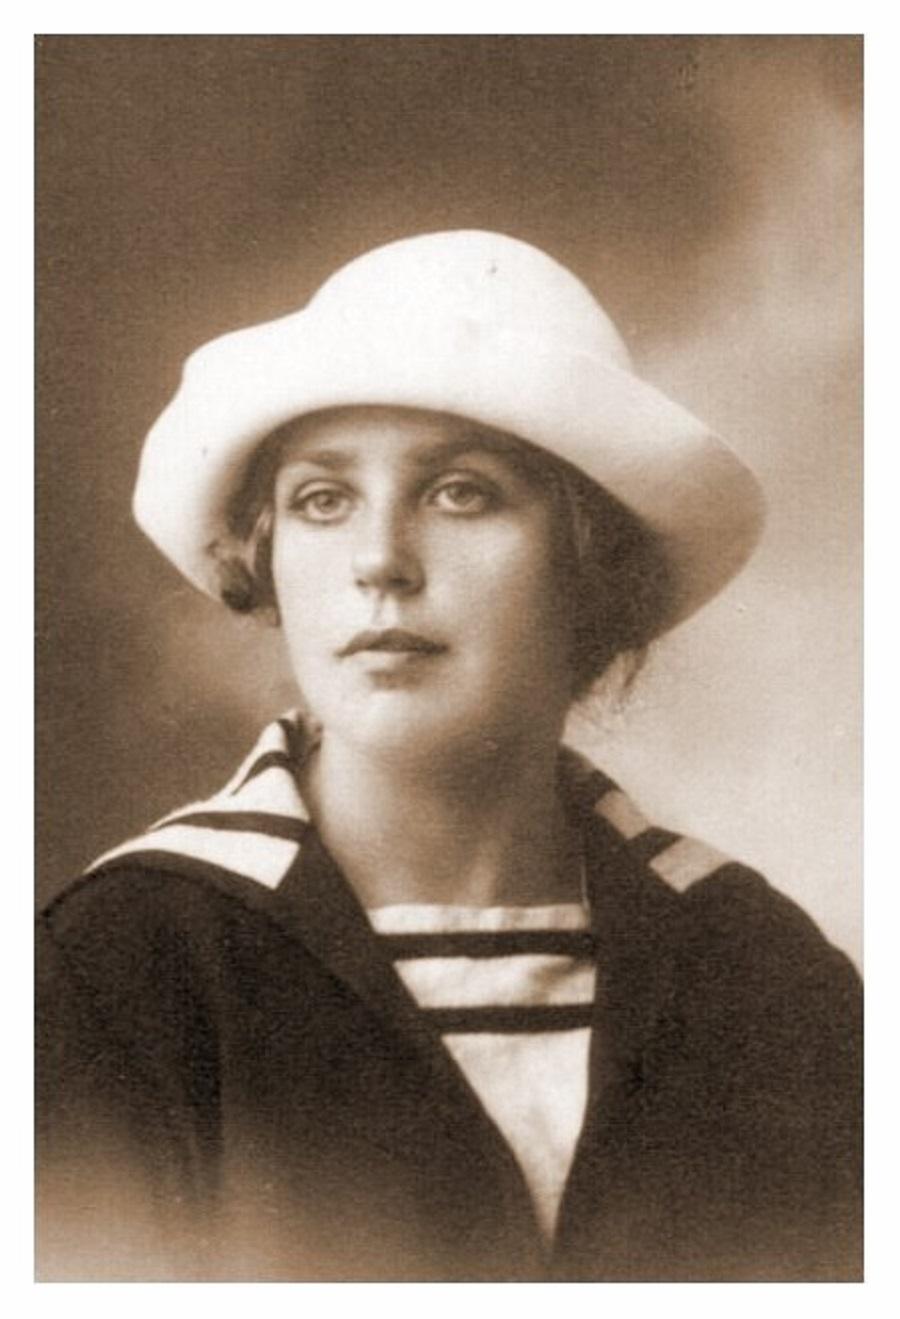 Ирина Николаевна Кноринг (4 мая 1906, в помещичьем имении, в селе Елшанка, Самарская губерния — 23 января 1943, Париж) — русская поэтесса.